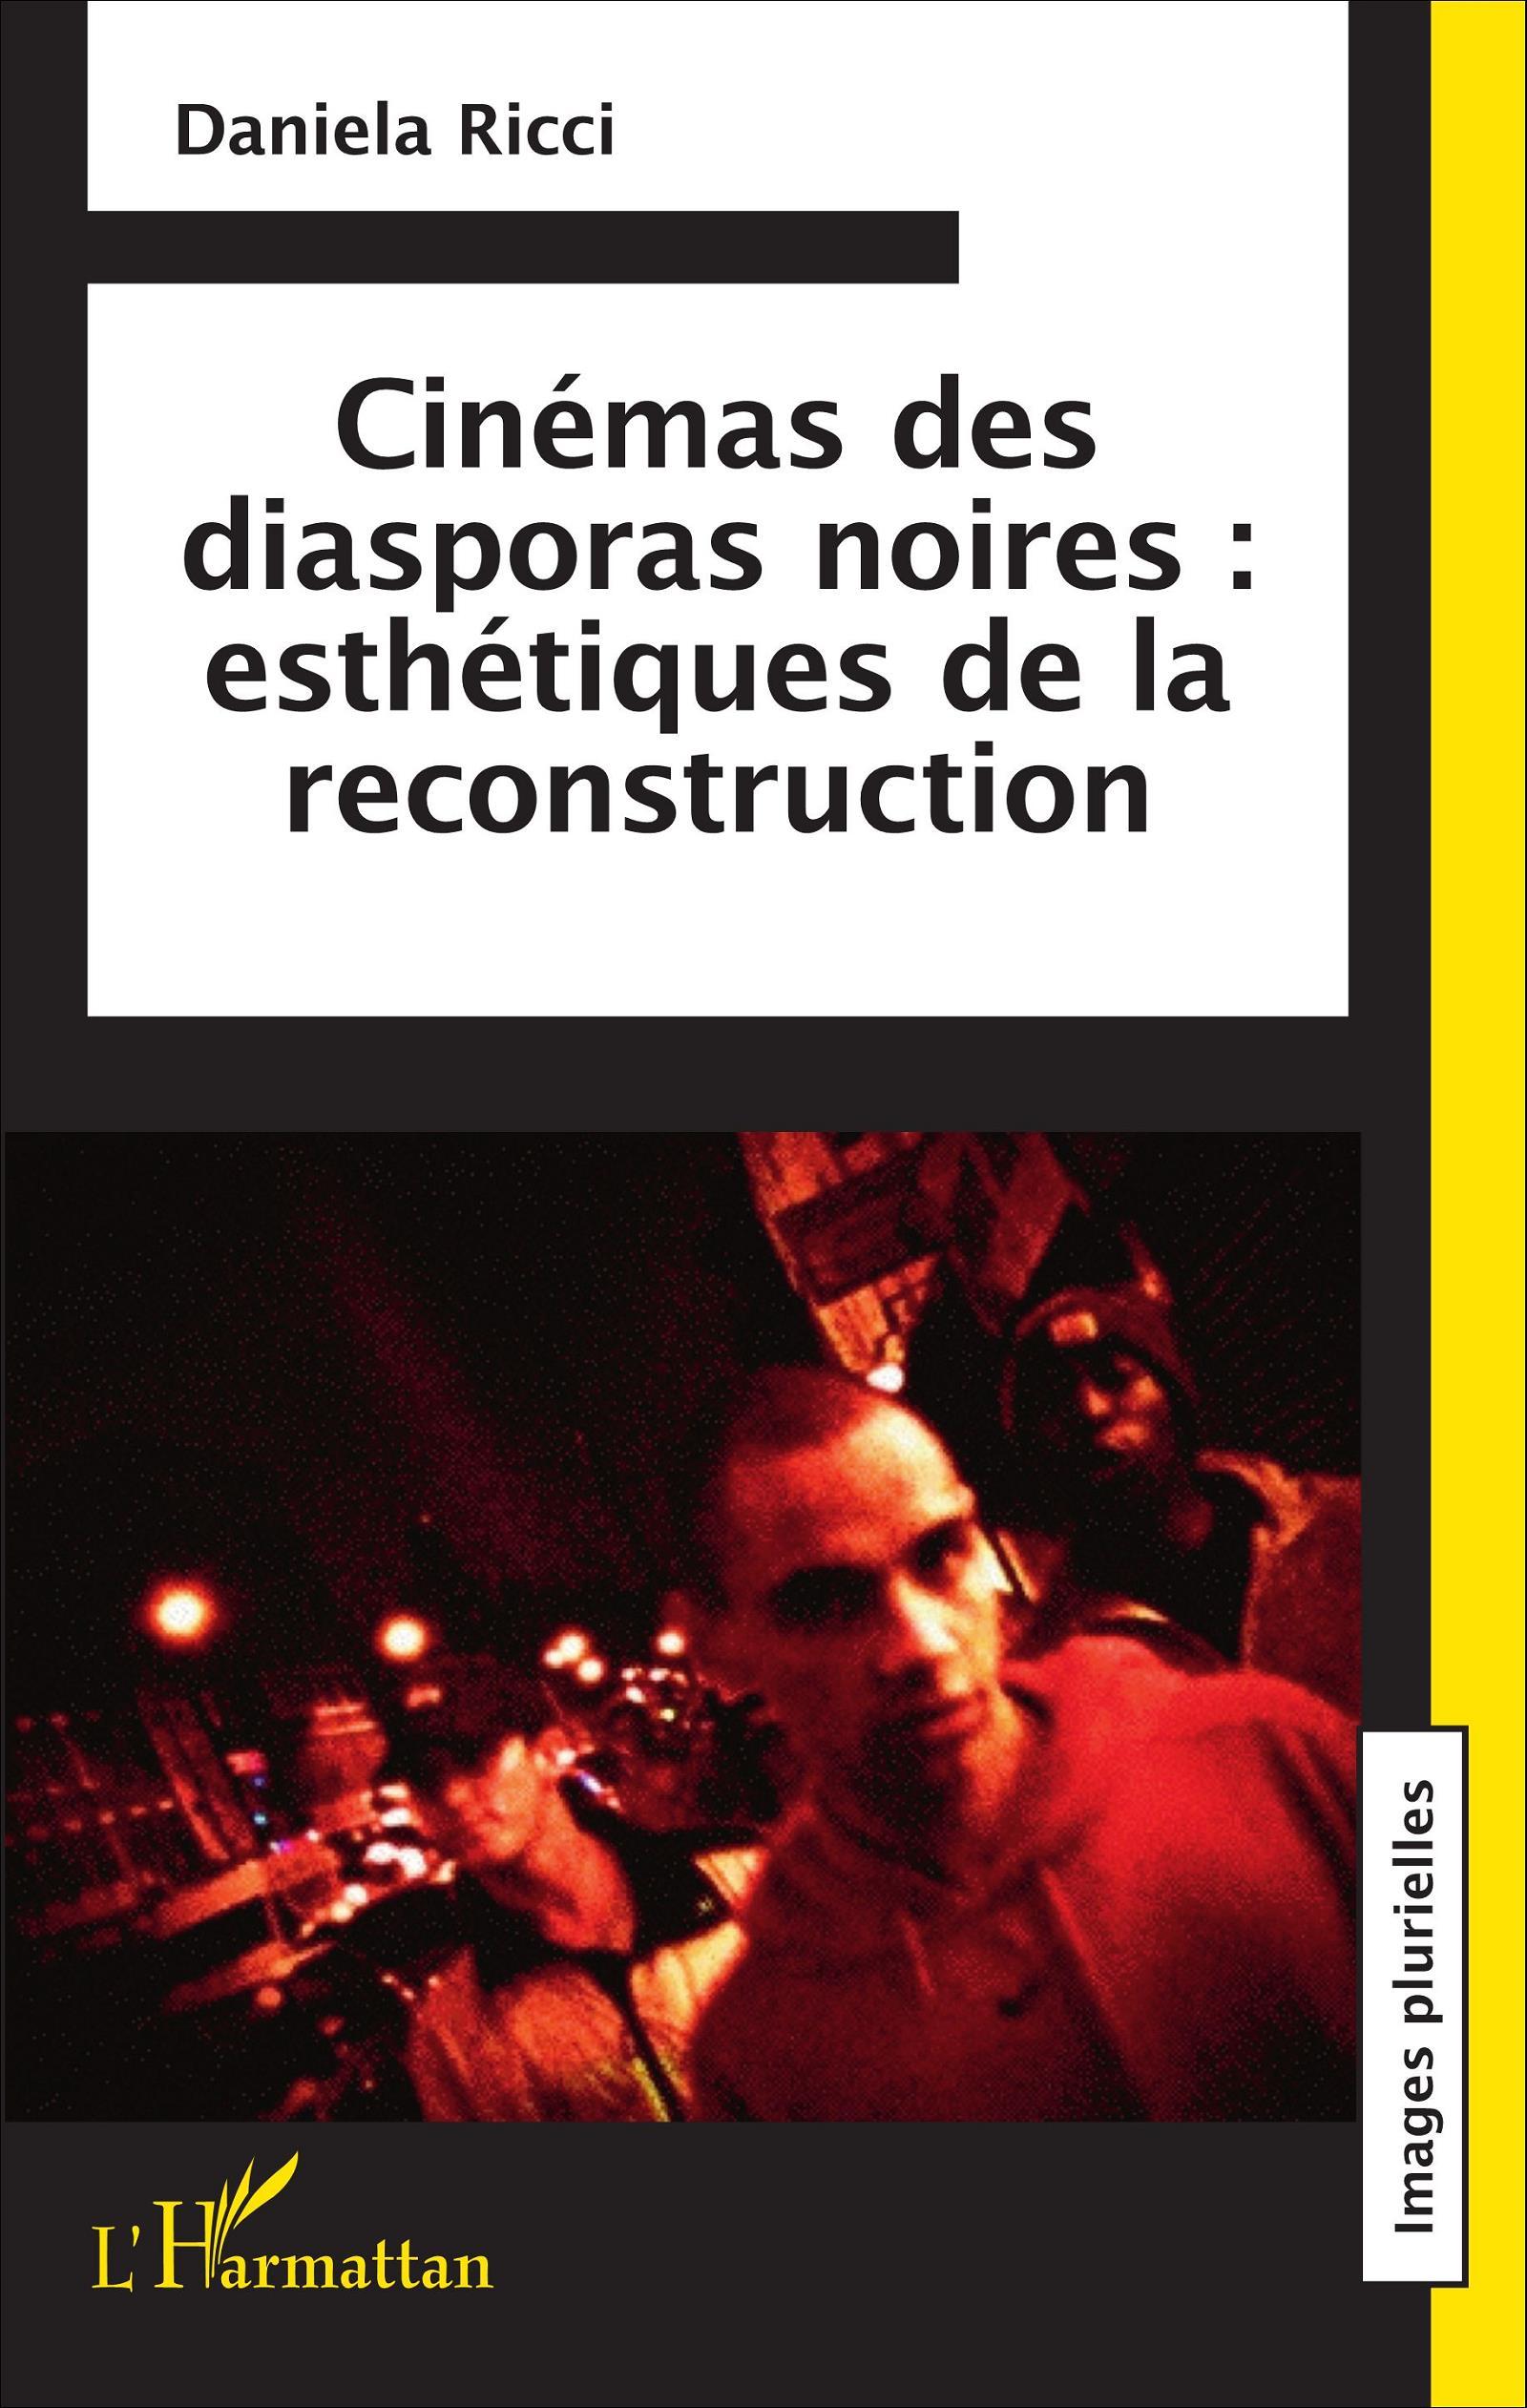 Cinémas des diasporas noires: esthétiques de la reconstruction